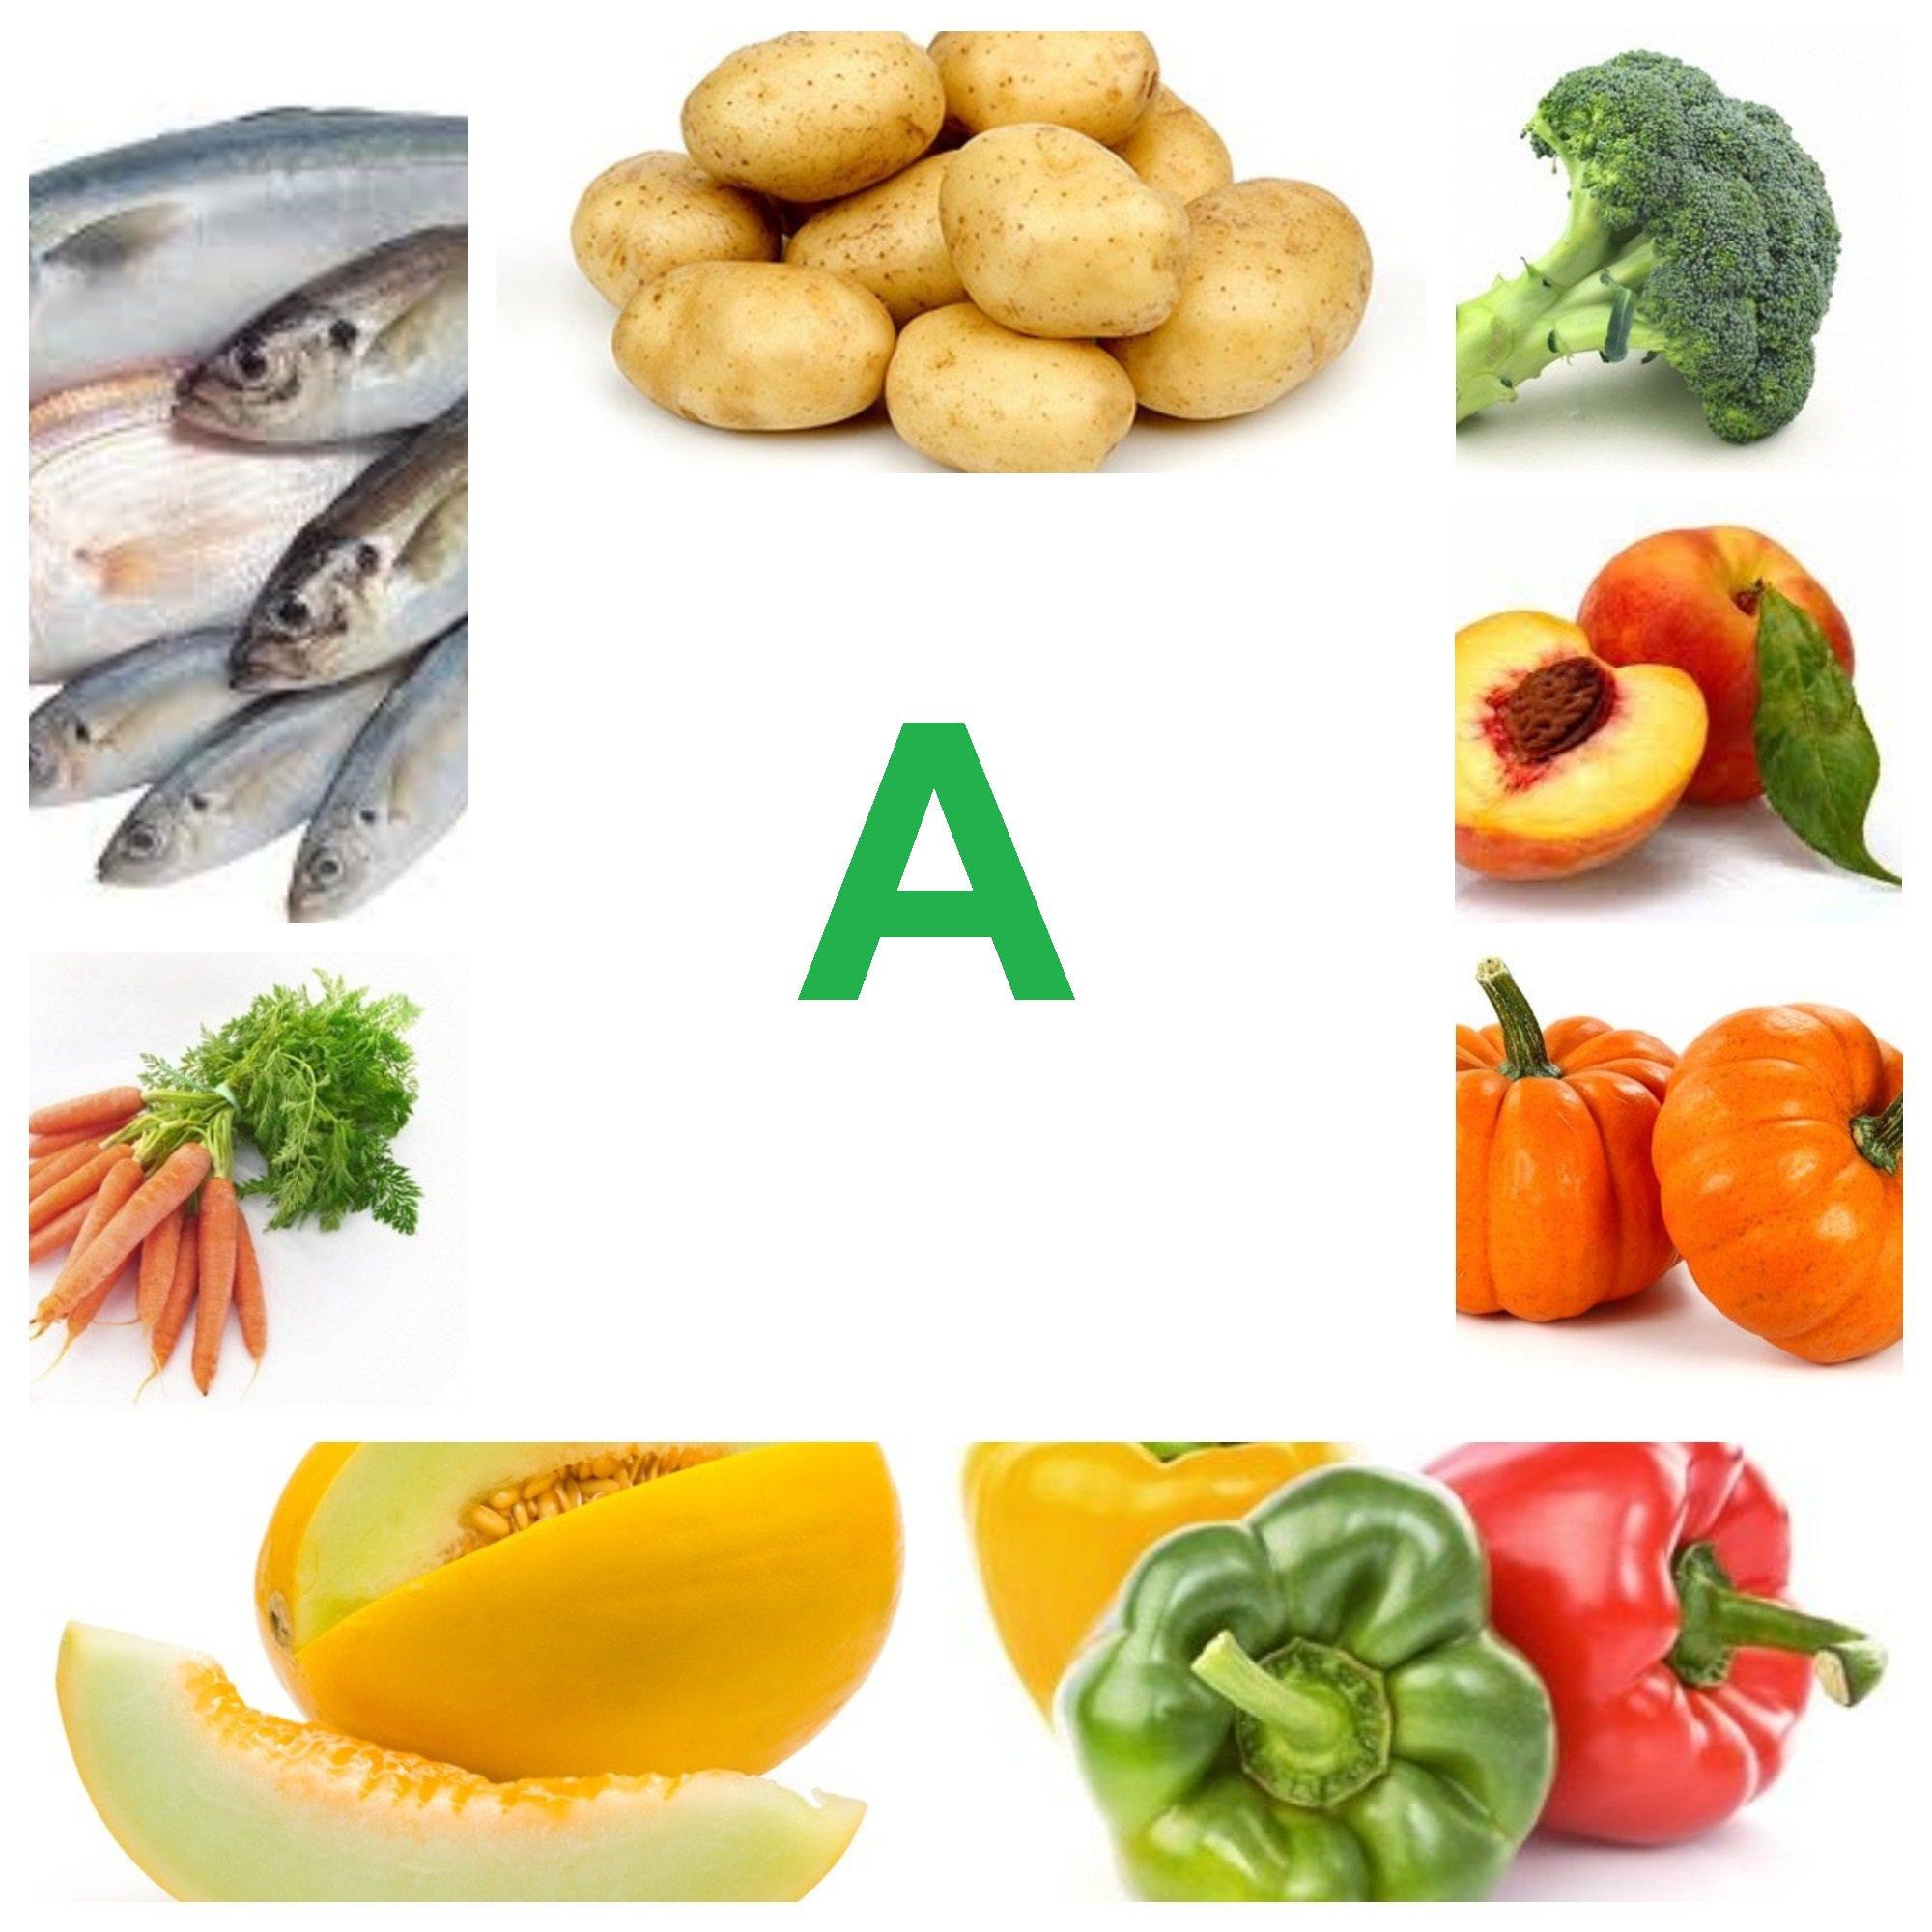 картинки фруктов в которых содержится витамин этой дате